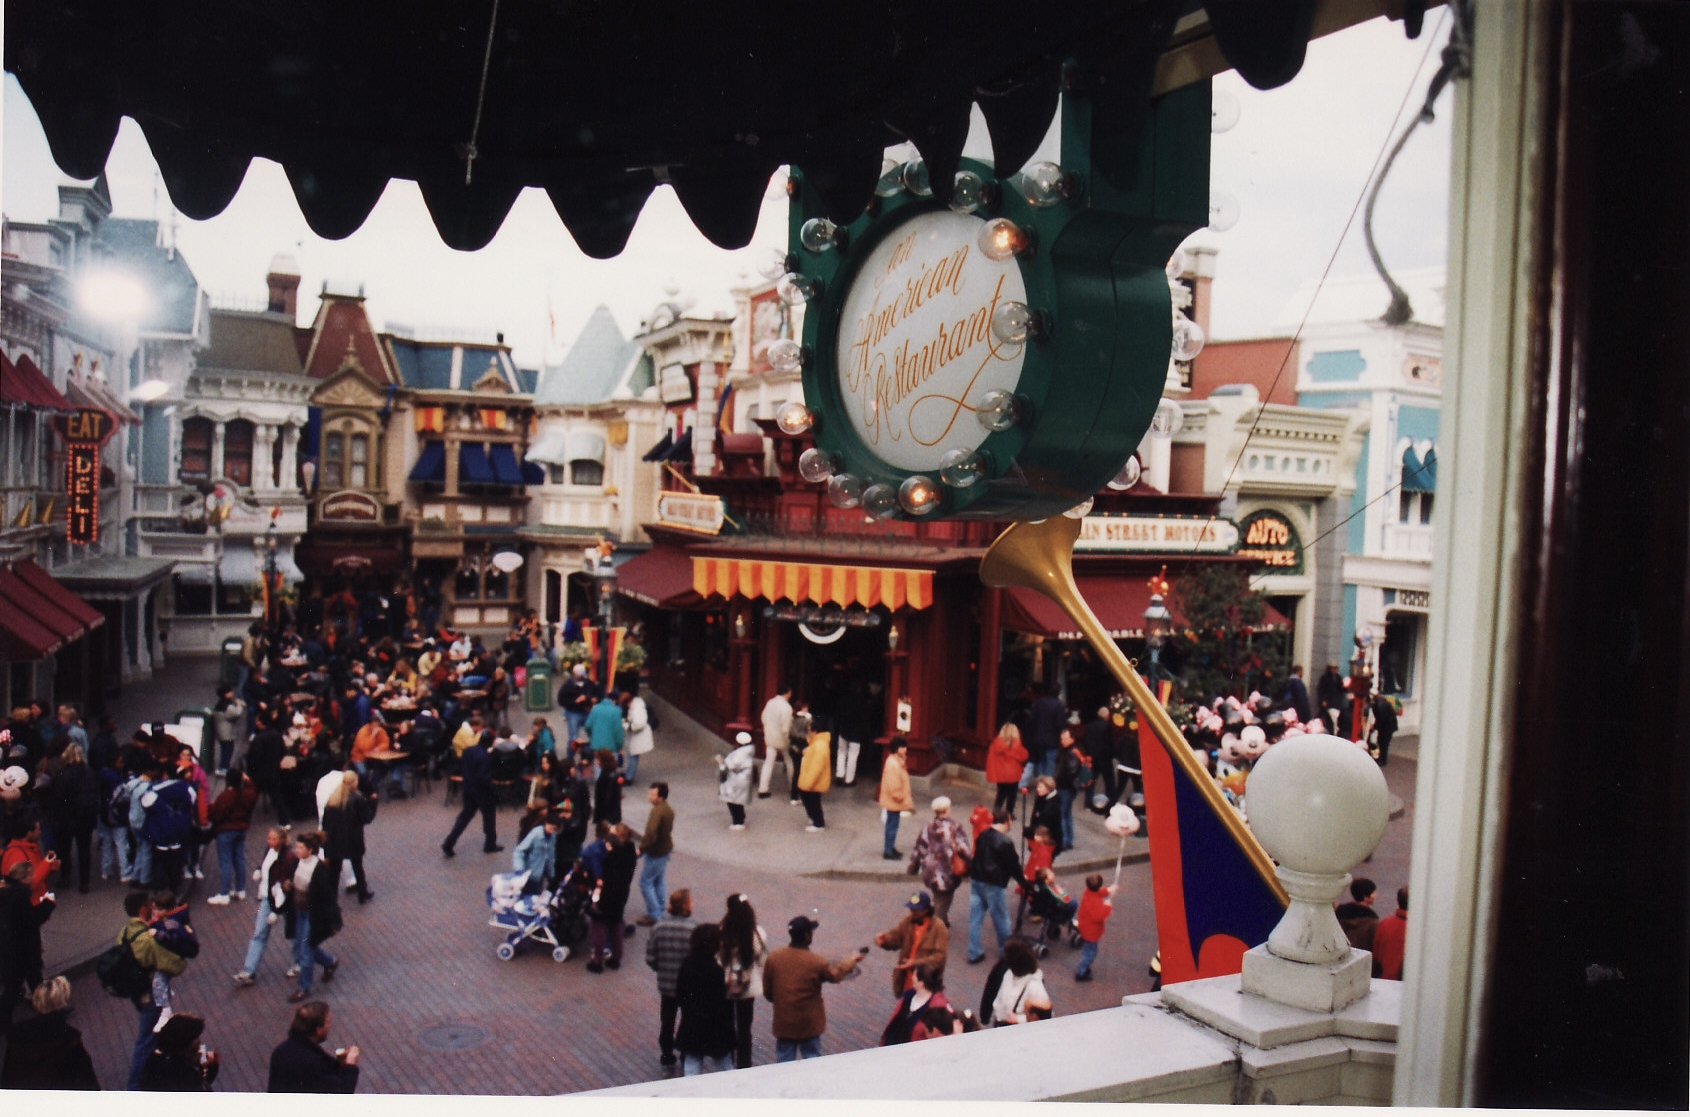 (Histoire) Lilly's Boutique a remplacé une salle du Walt's - An American Restaurant - Page 2 883087L148